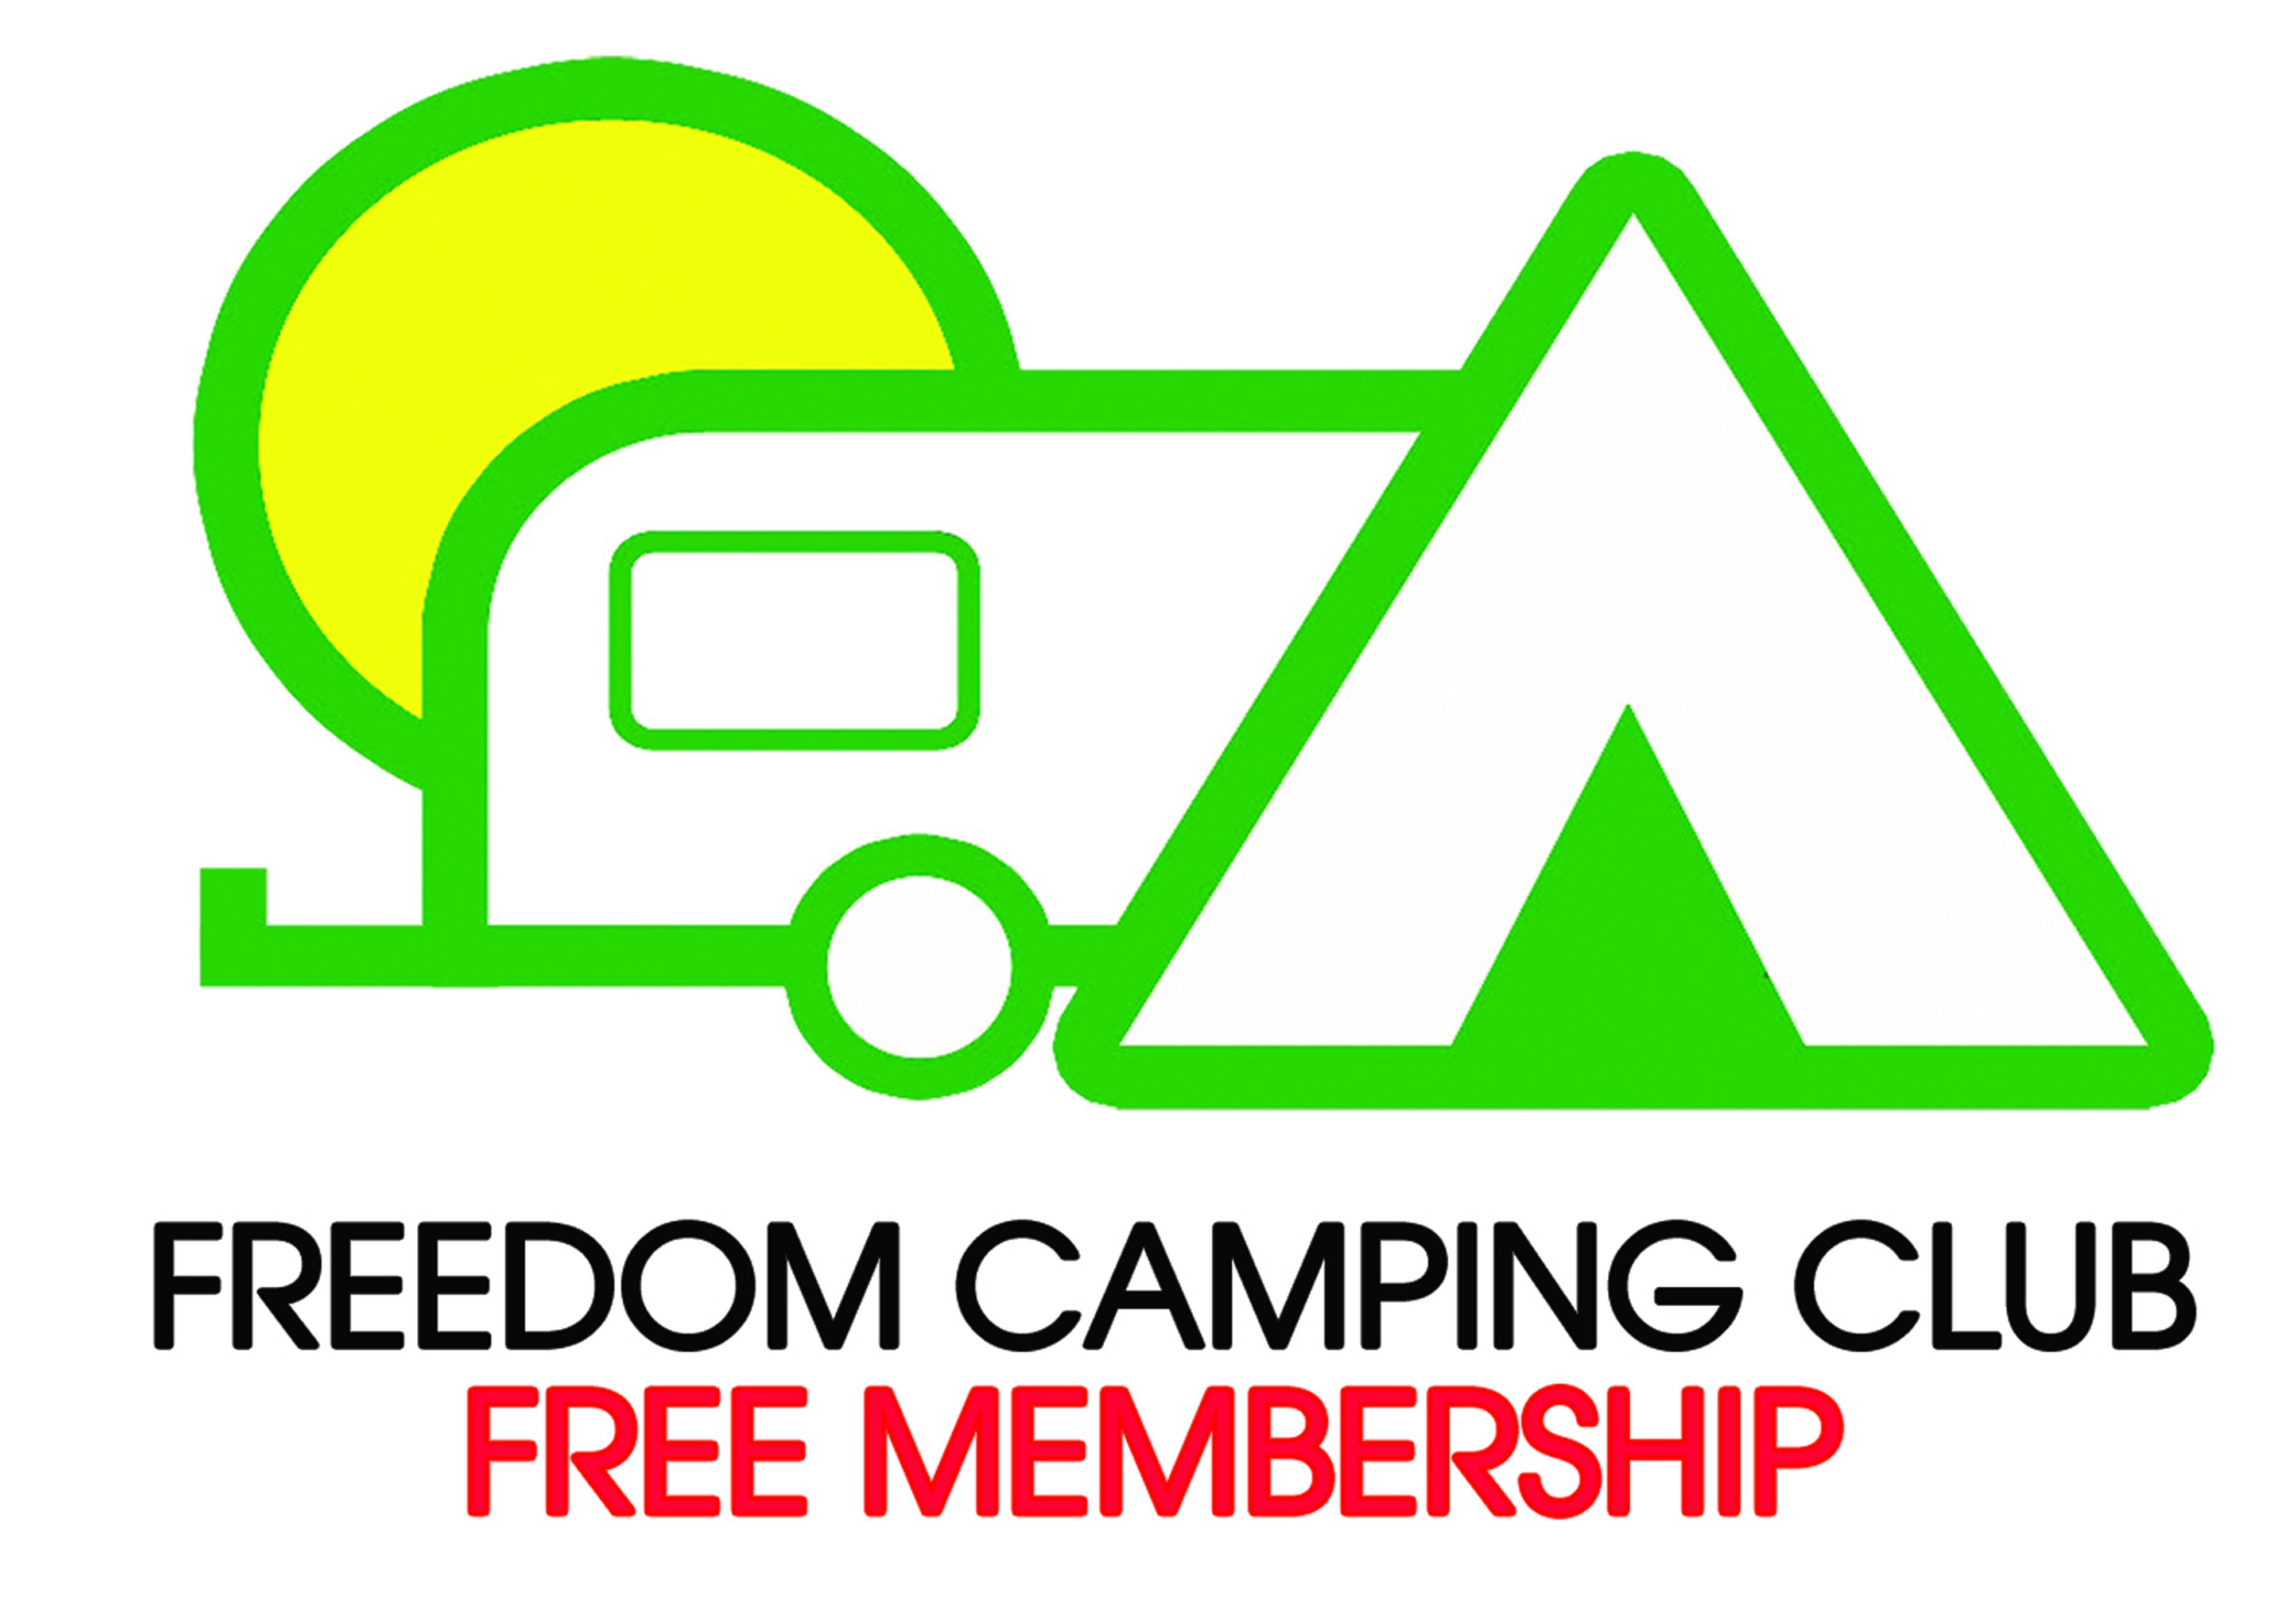 Freedom camping club